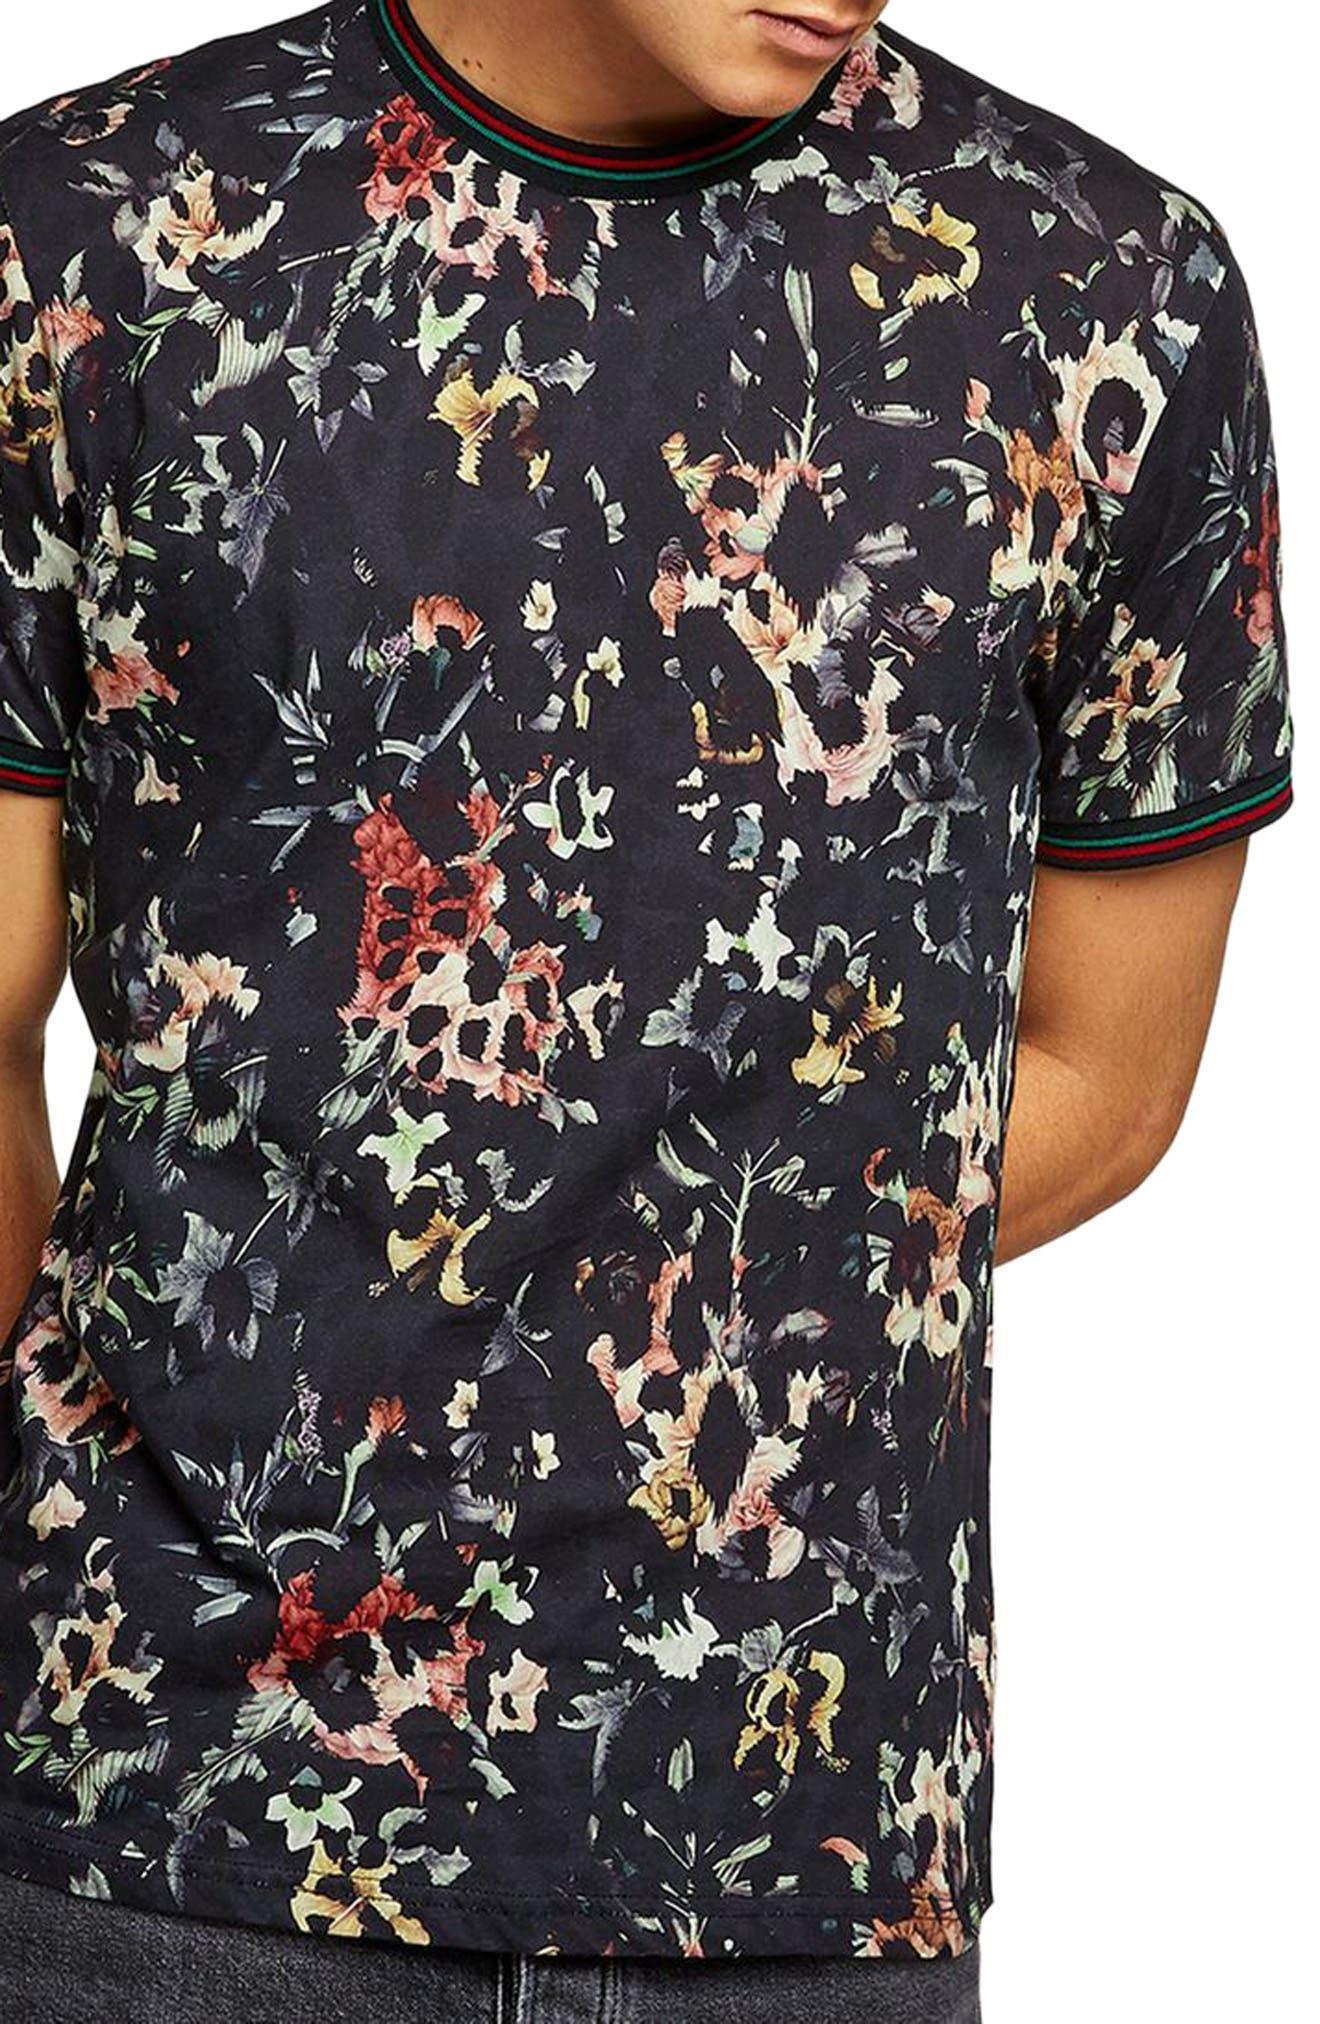 Floral Leopard Print T-Shirt,                         Main,                         color, Black Multi